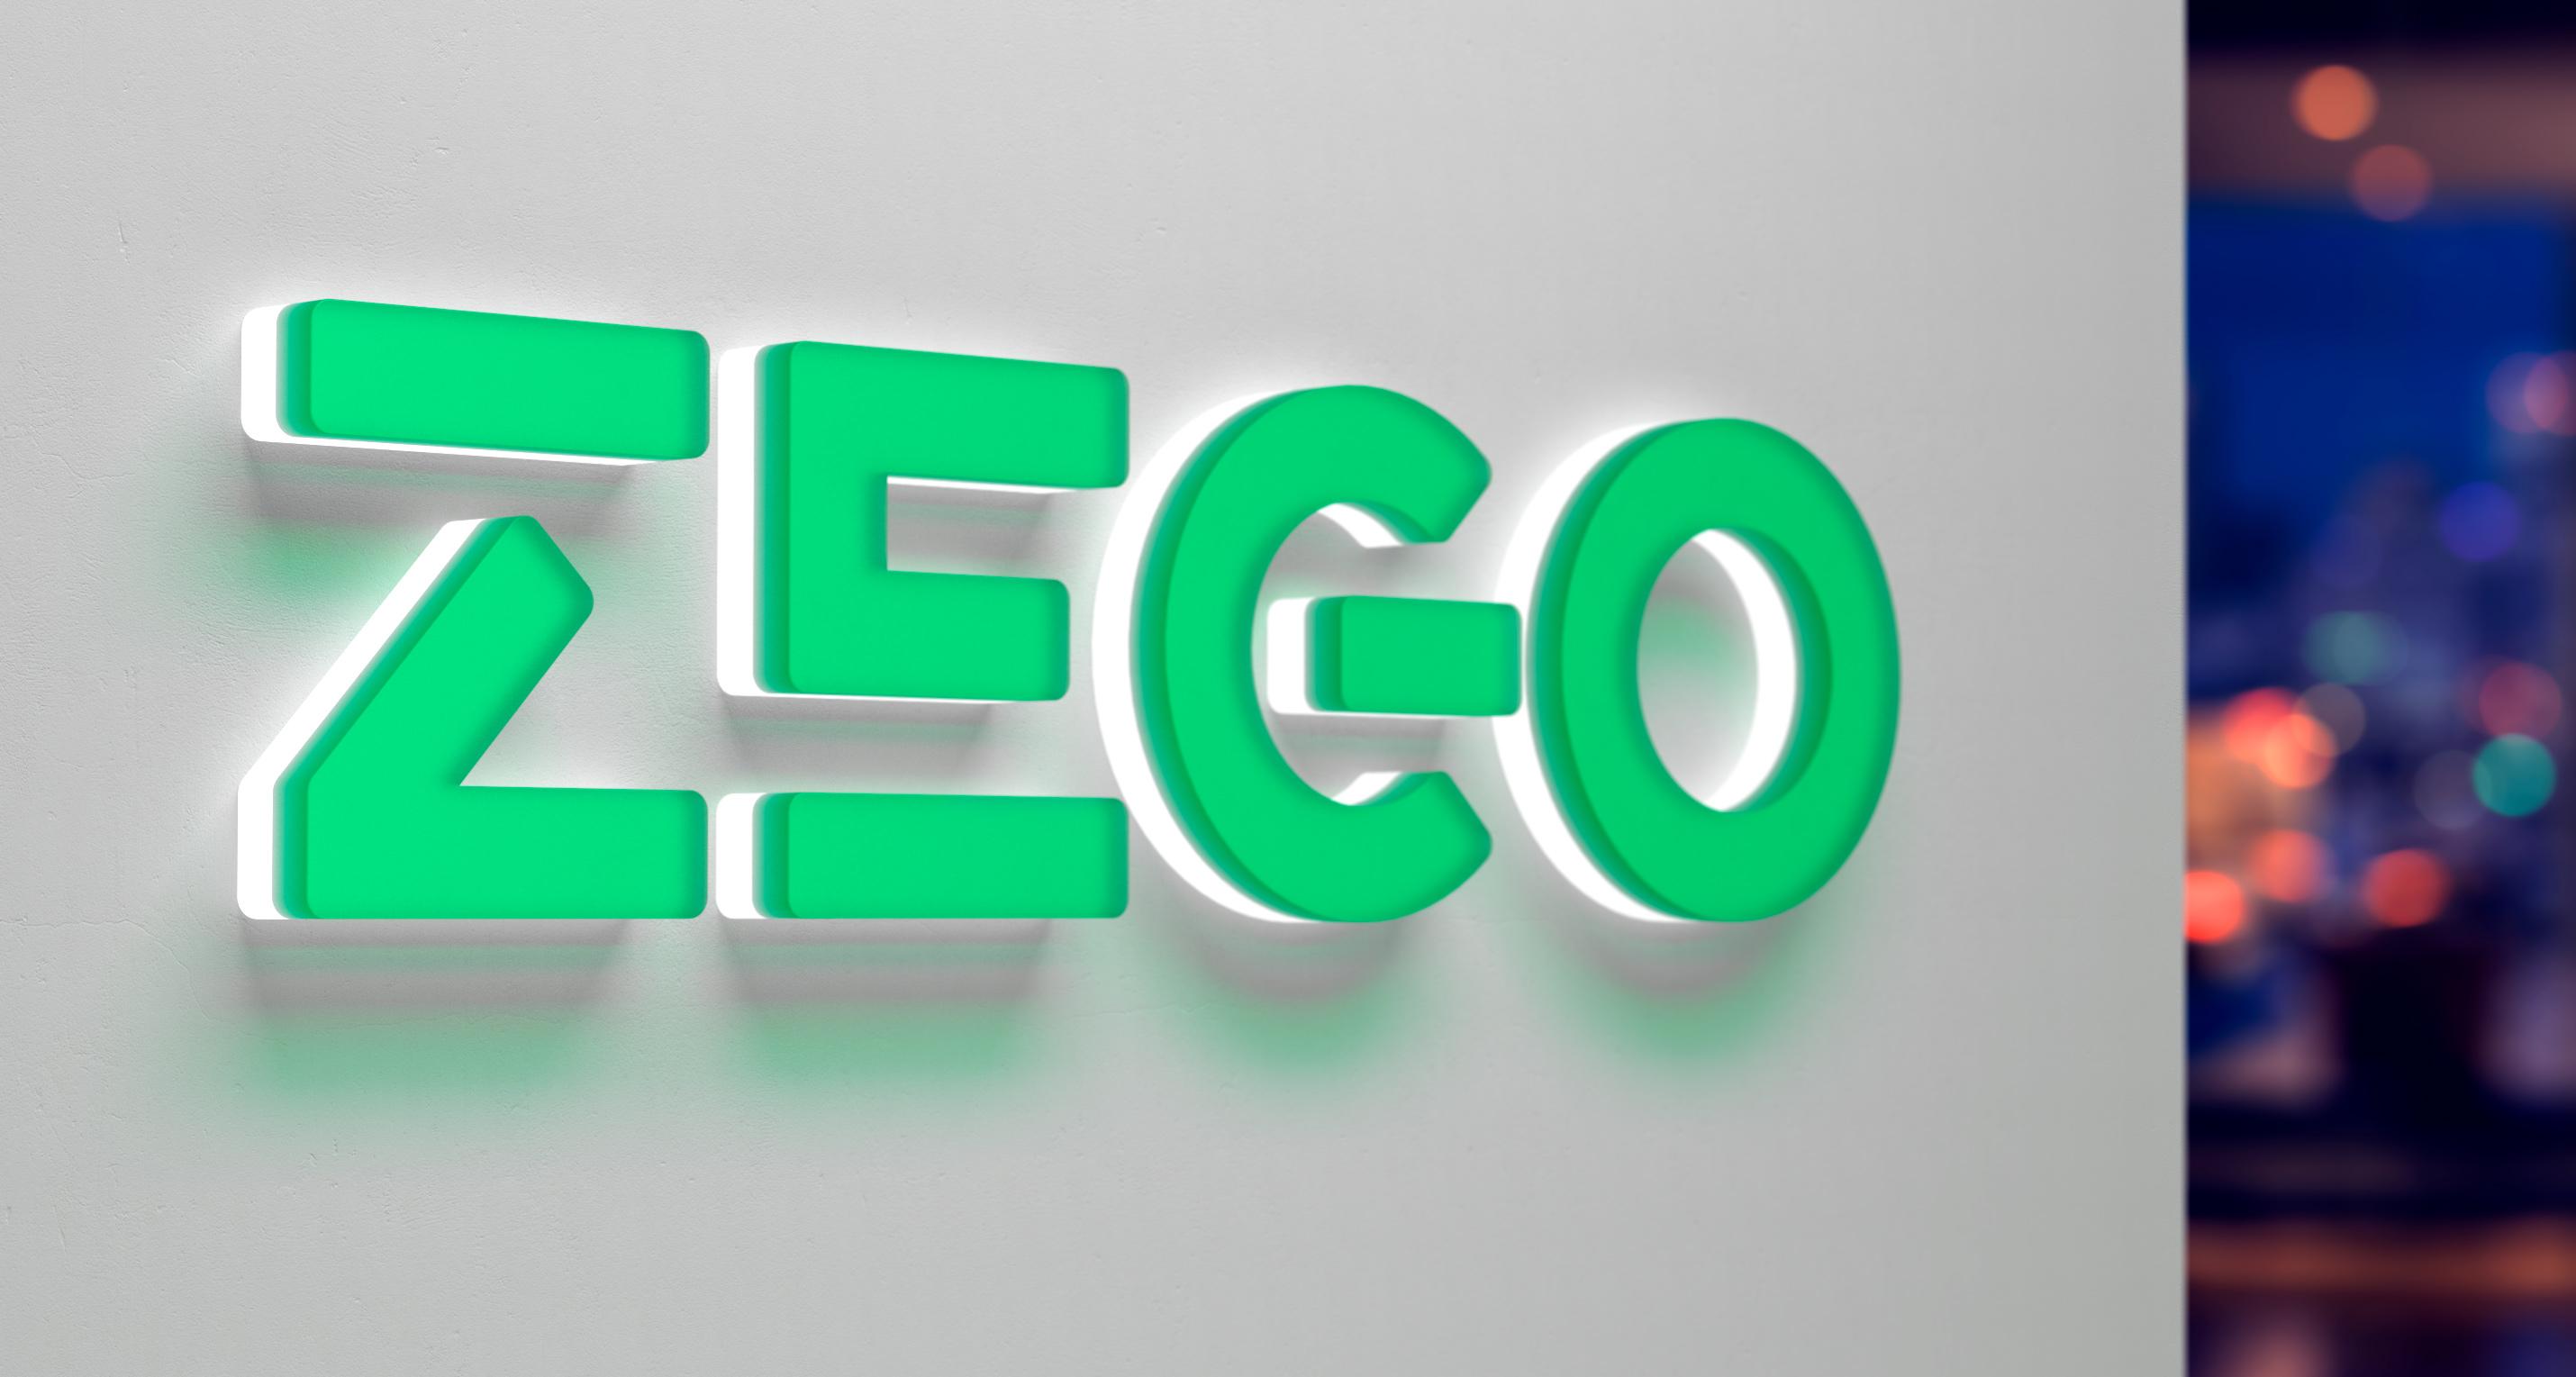 Zego-signage-01